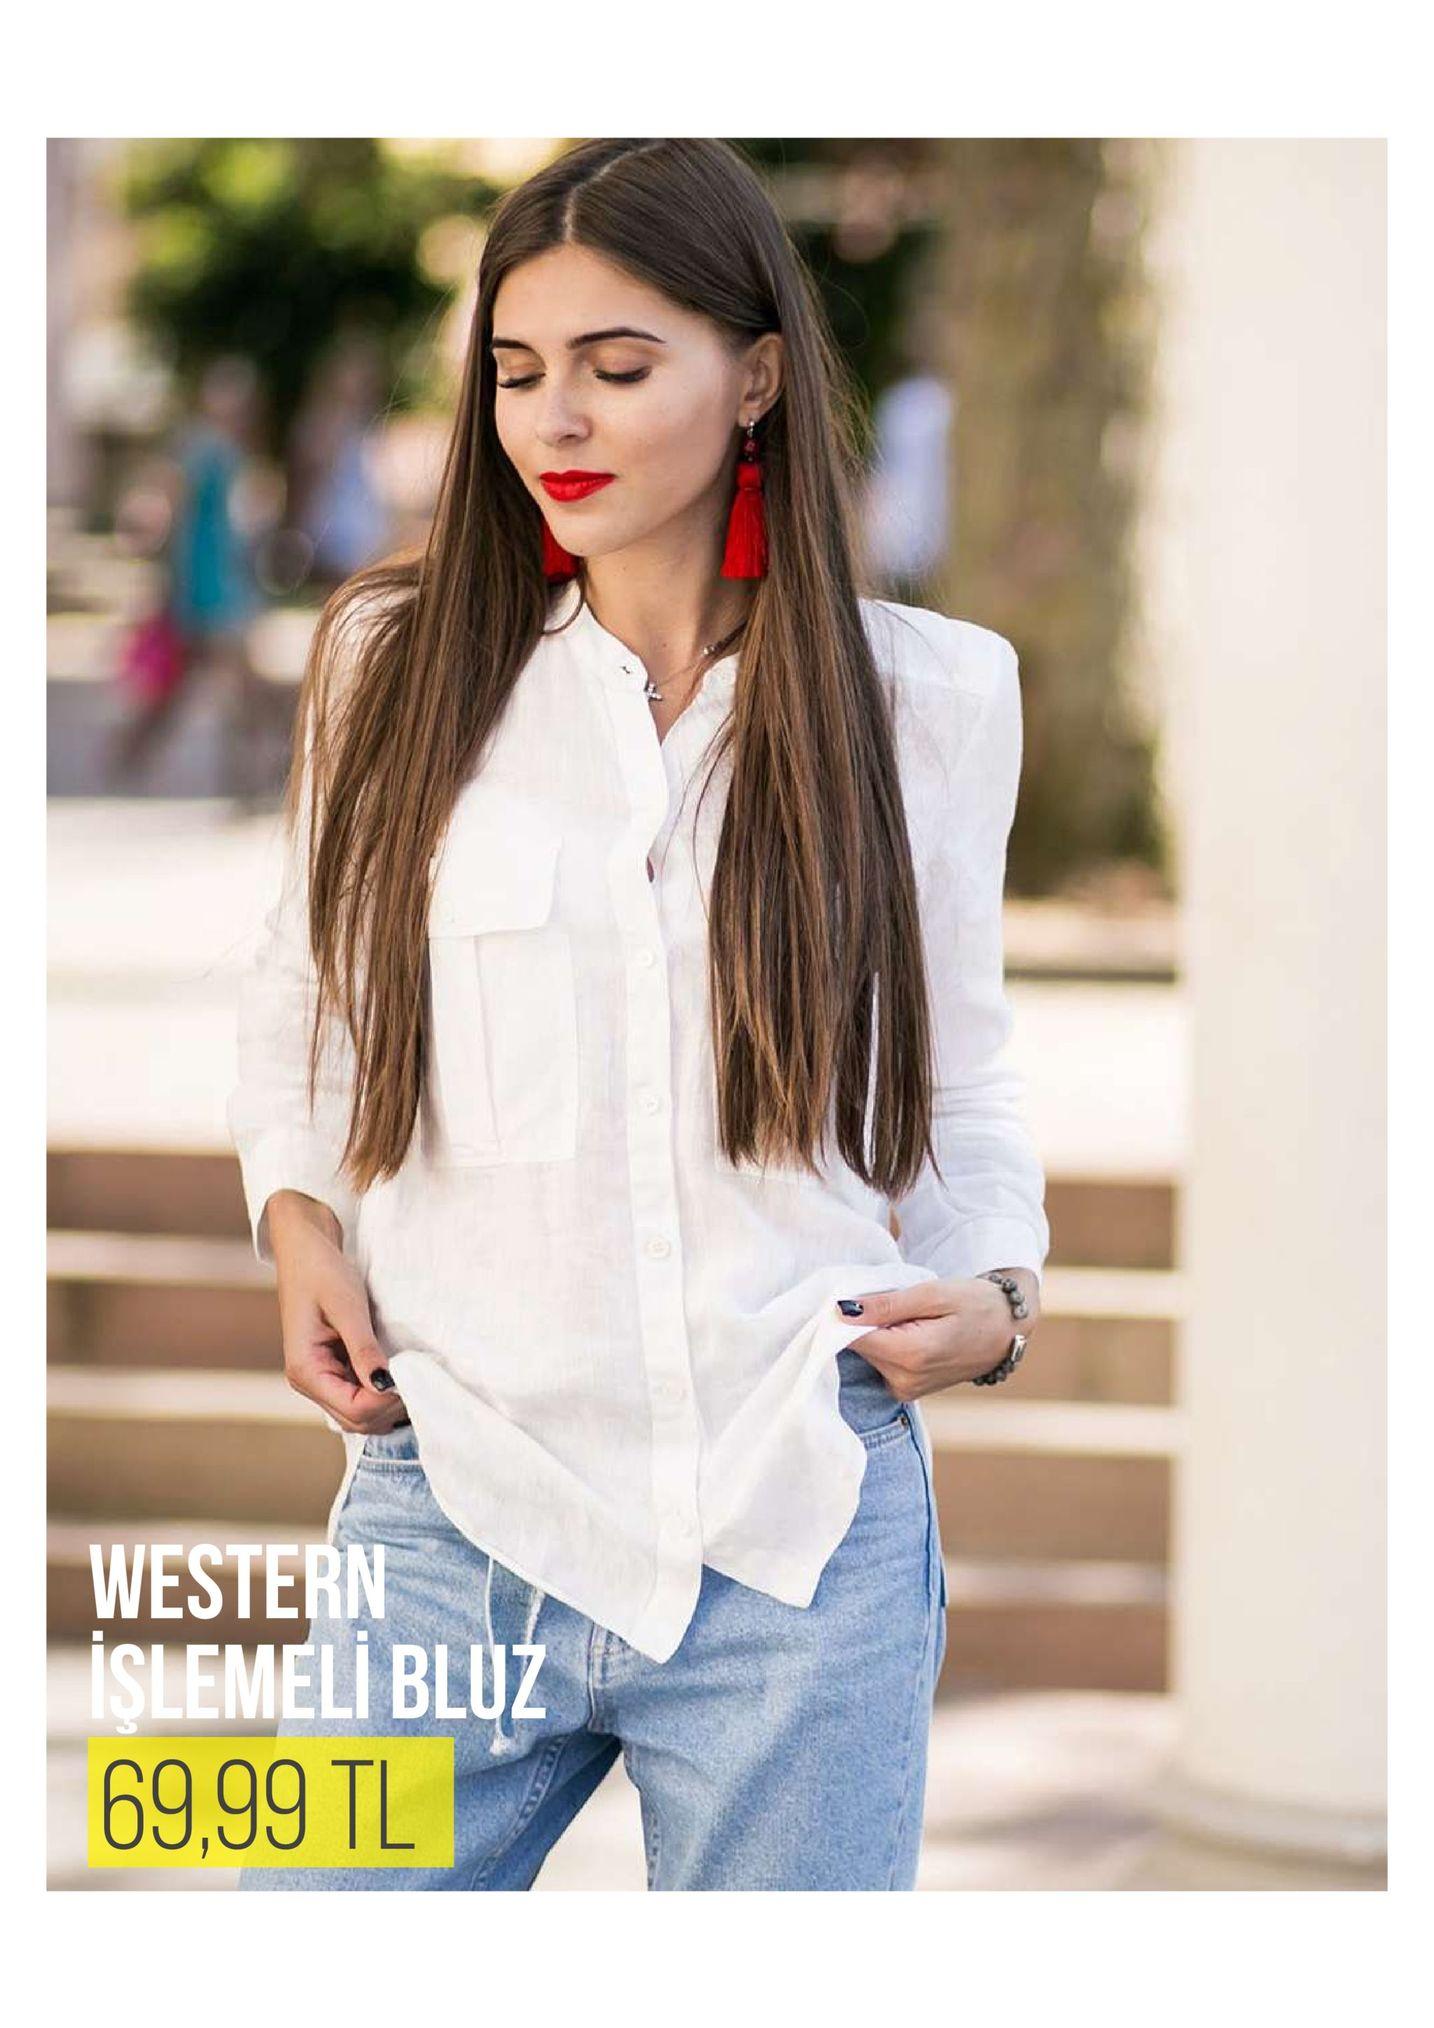 western şlemeli blu 69,99 tl